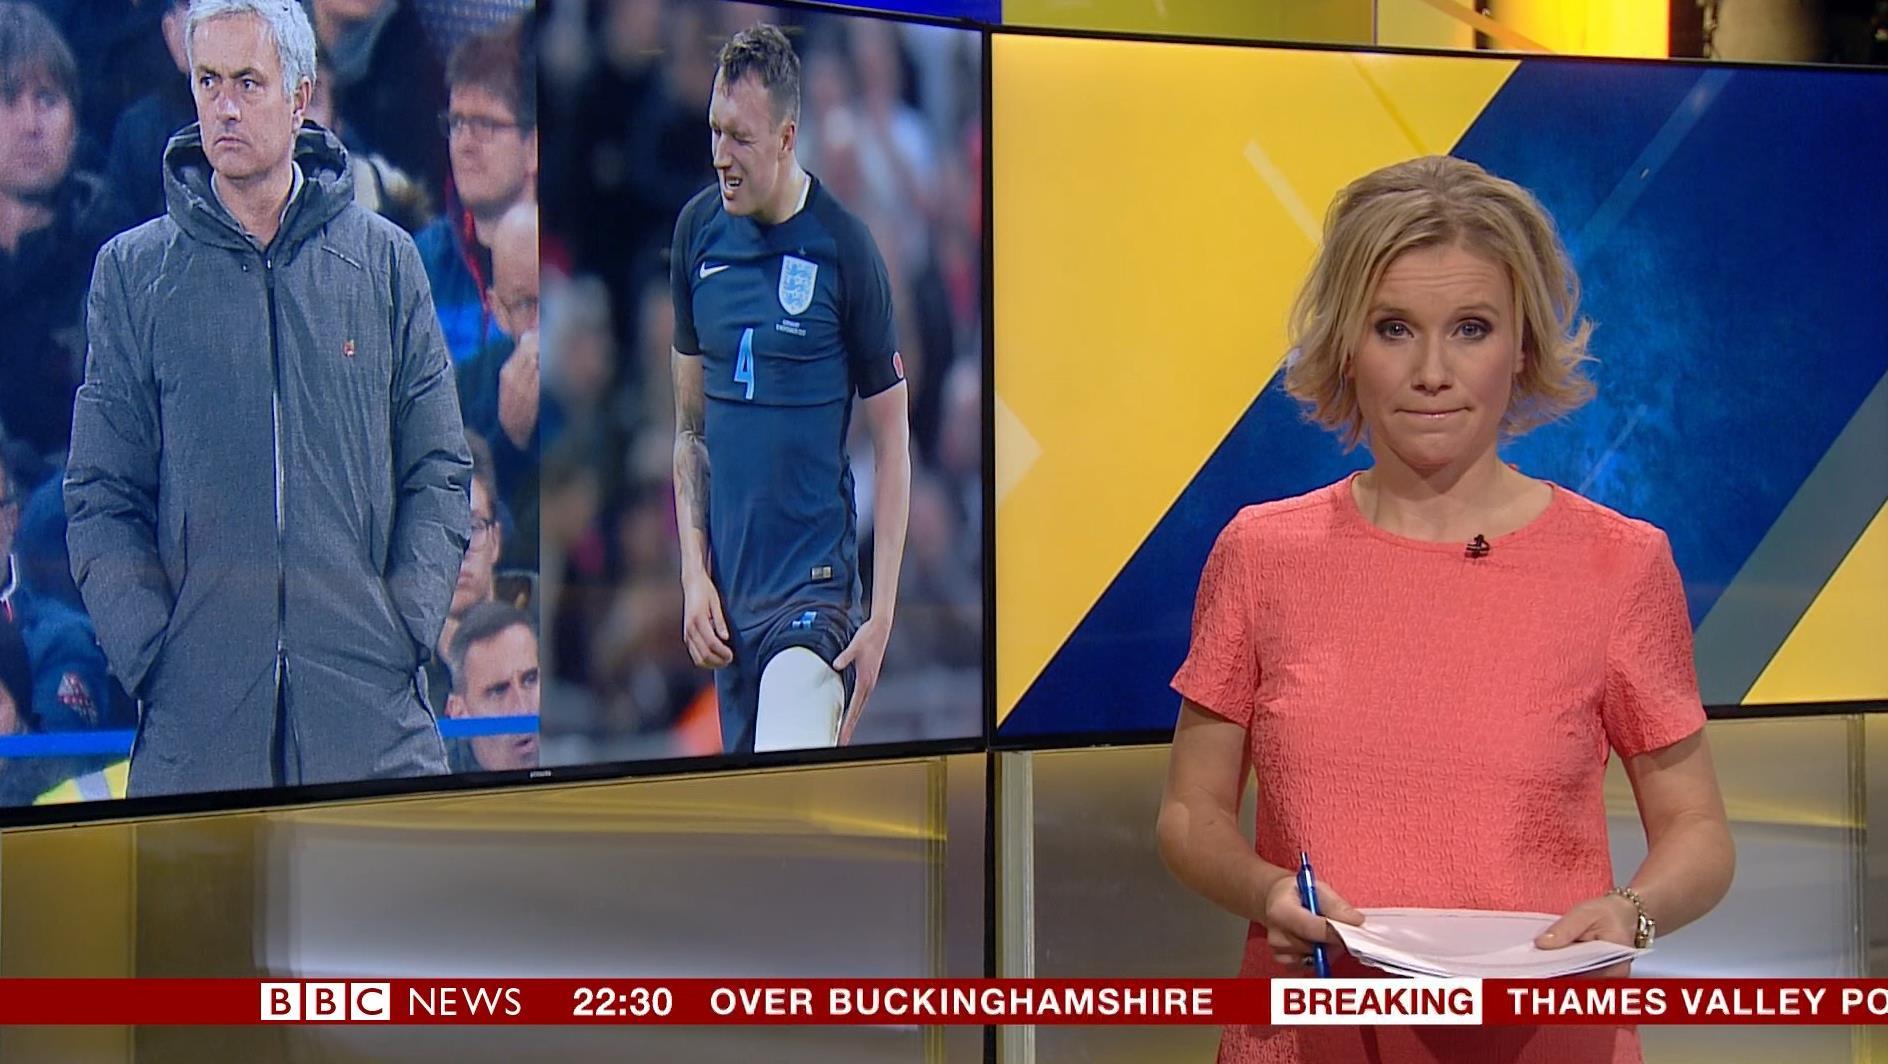 Lizzie Greenwood-Hughes -- BBC Sport Presenter (4)